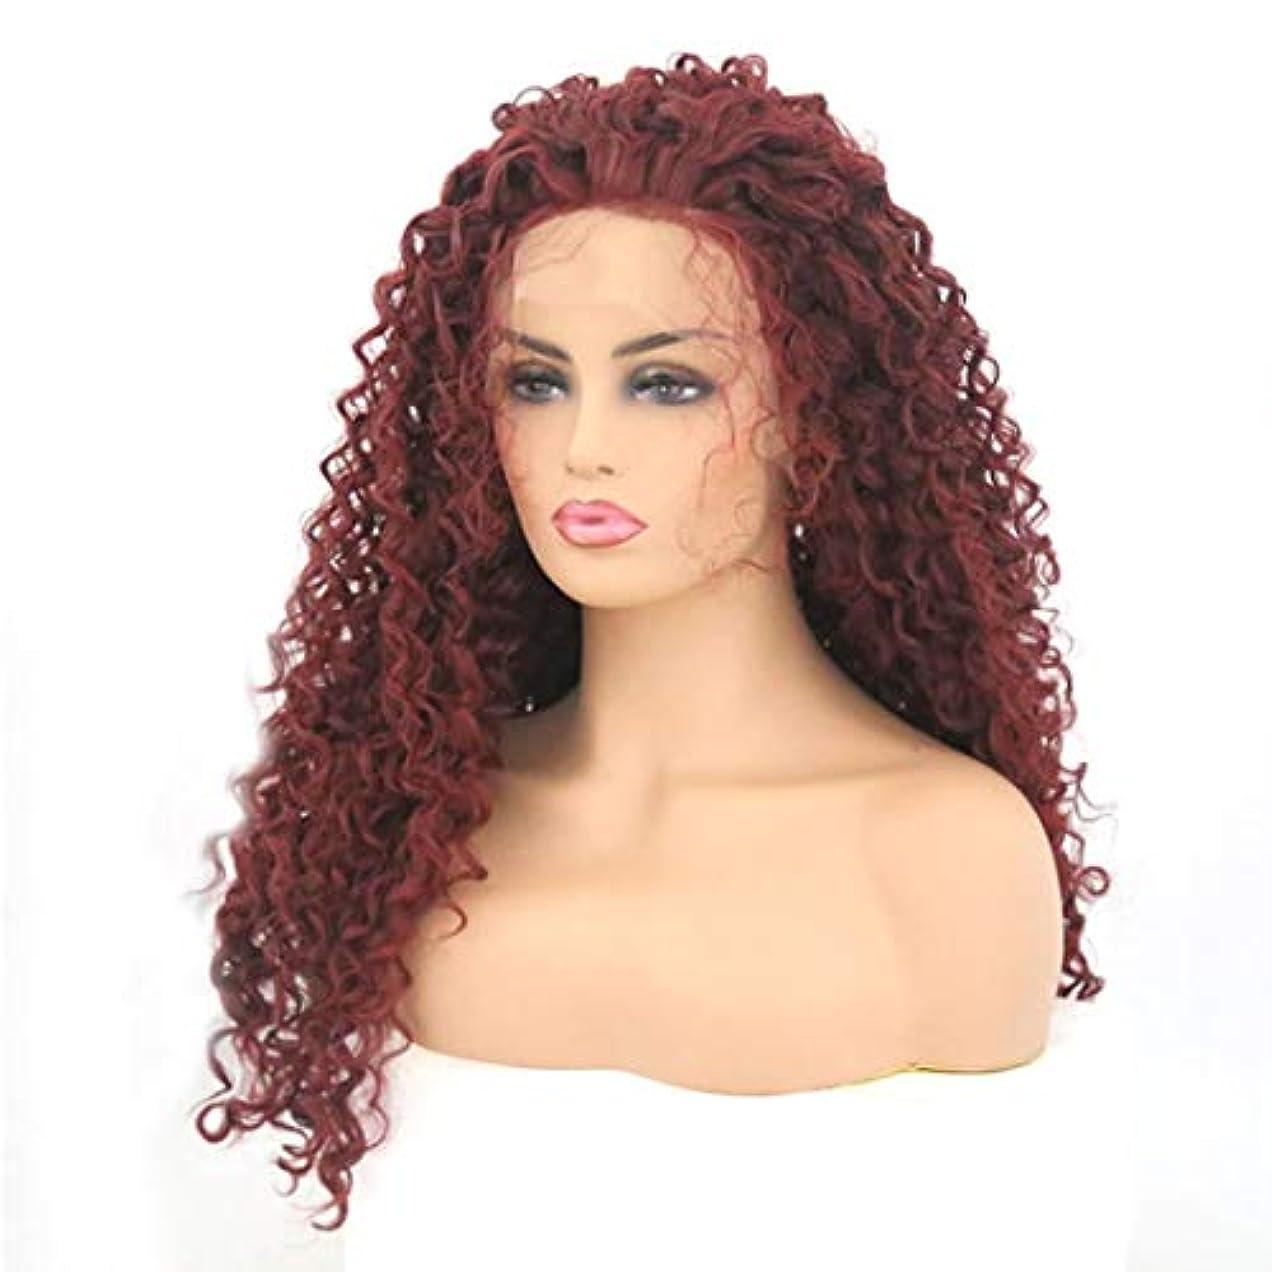 アッティカス裸盲目Summerys 本物の髪として自然な女性のためのフロントレースワインレッドカーリーヘアー合成カラフルなコスプレデイリーパーティーウィッグ